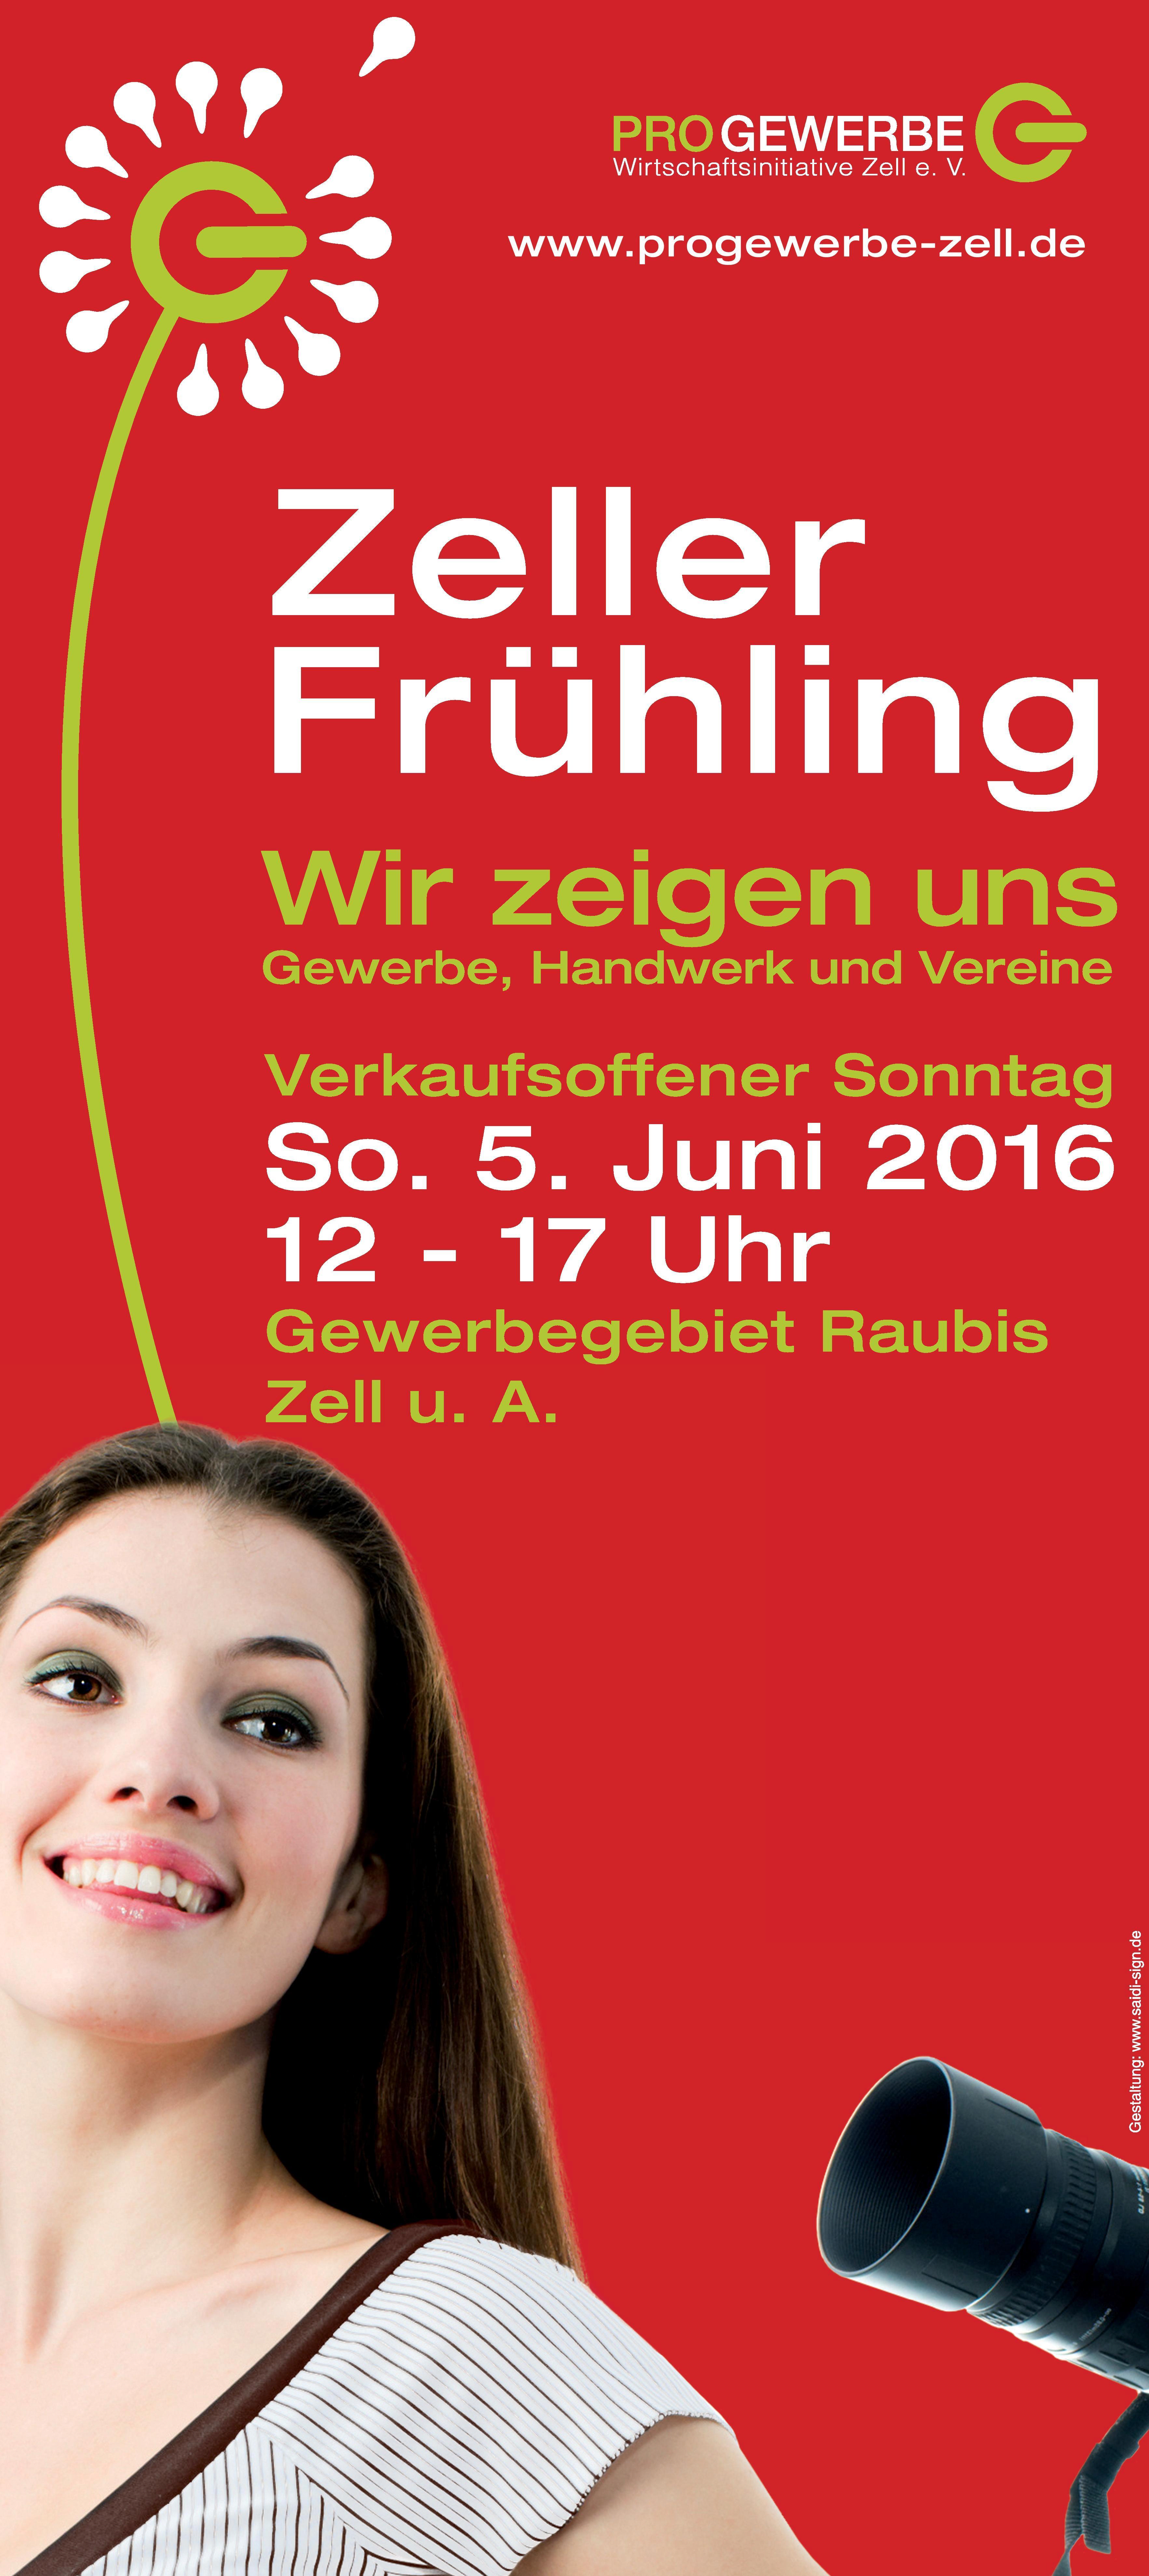 Gewerbeschau ,,Zeller Frühling'' am 05. Juni 2016